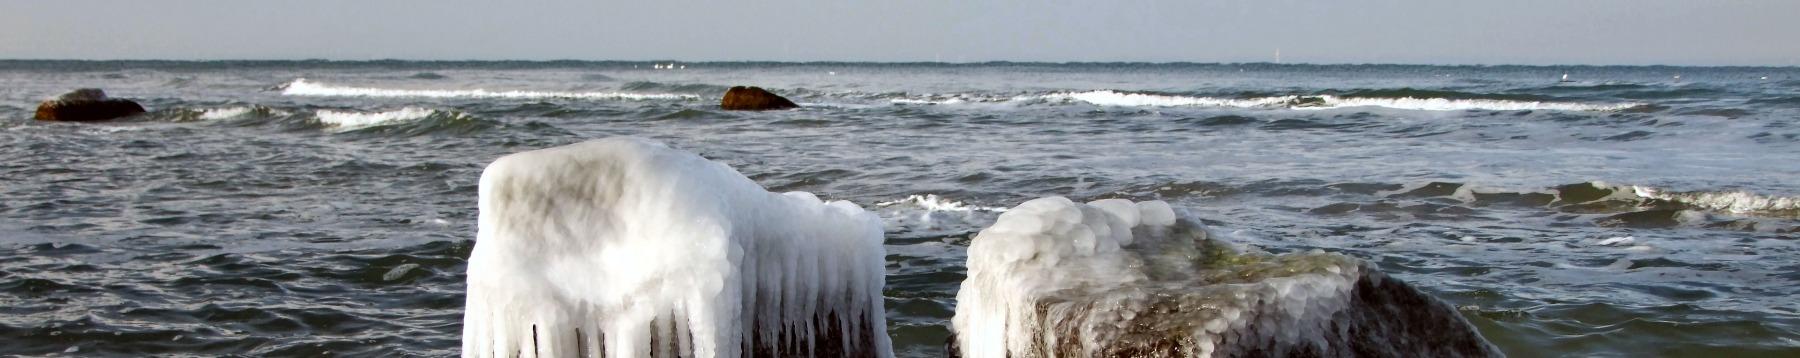 Strand-Panorama-Eis-Kopie